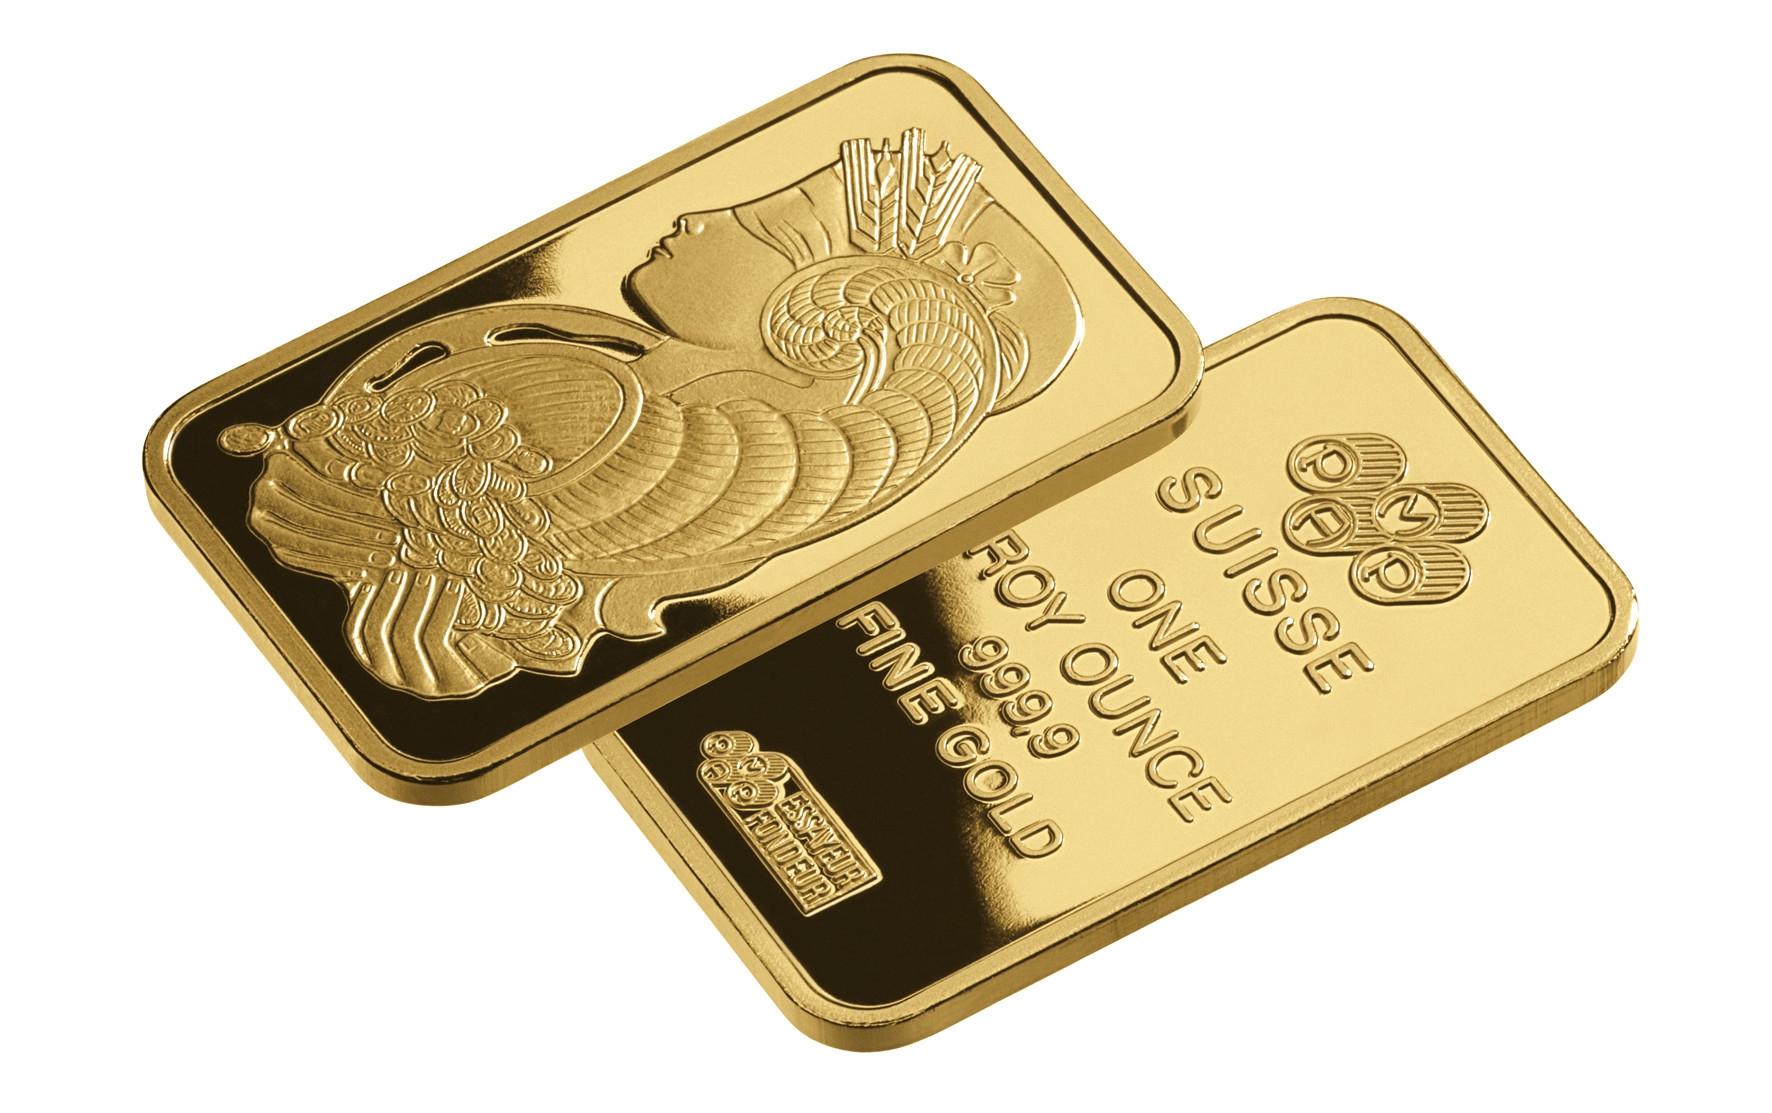 af711388181f Jak poznat investiční zlato  Na obrázku jsou zlaté ...